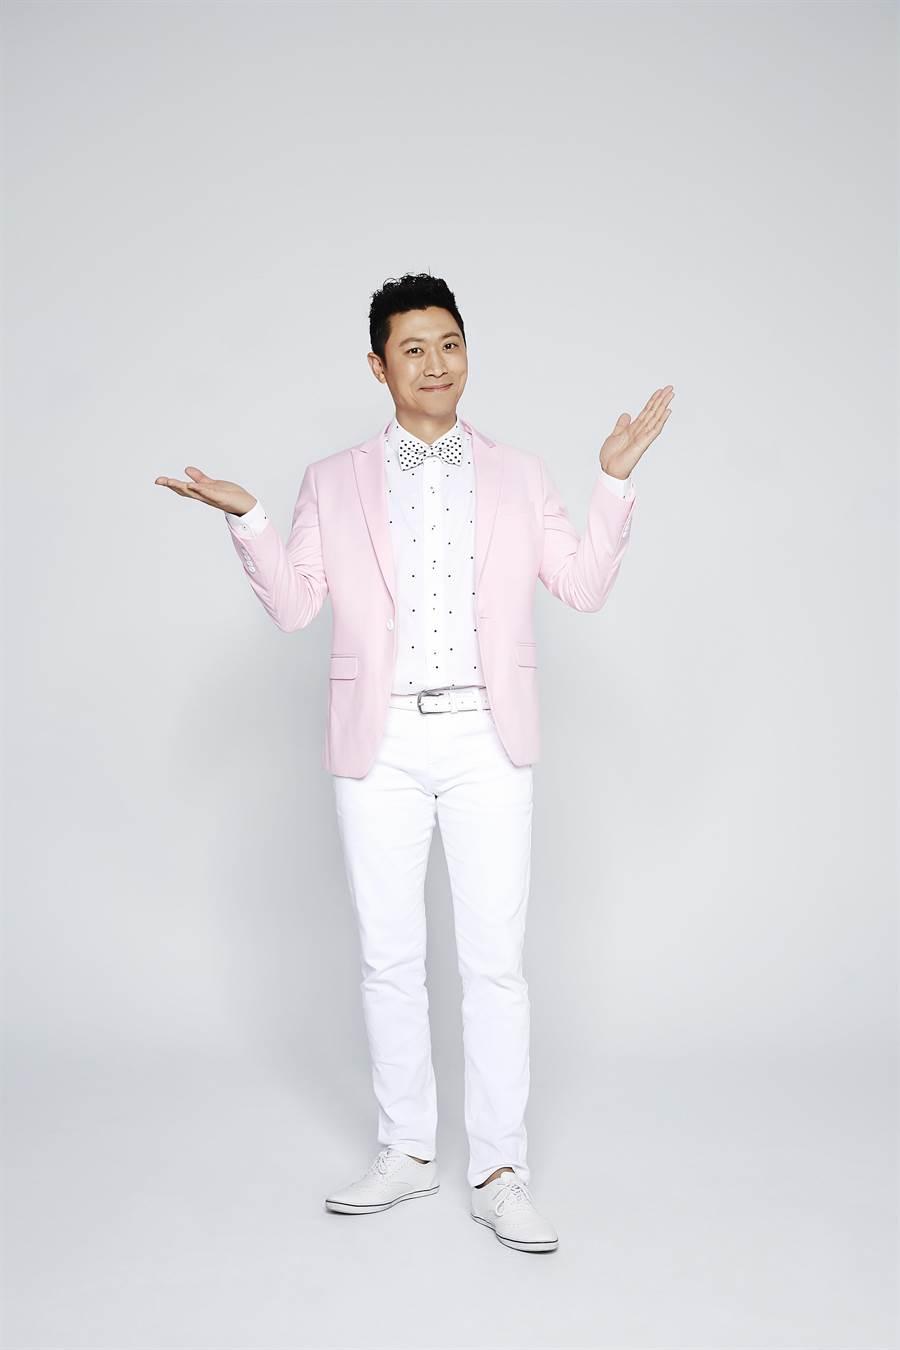 林書煒將與侯昌明搭檔主持廣播金鐘。(圖片提供:三立電視台)